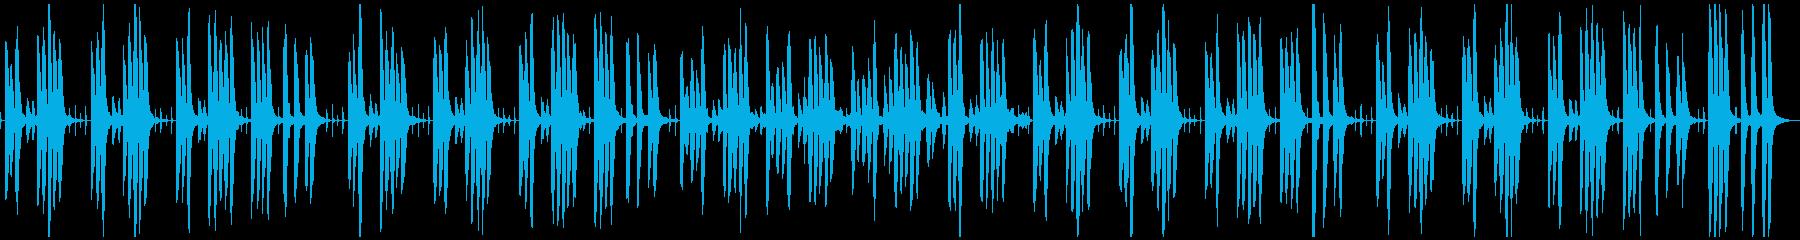 ほのぼのまったりかわいい日常曲の再生済みの波形